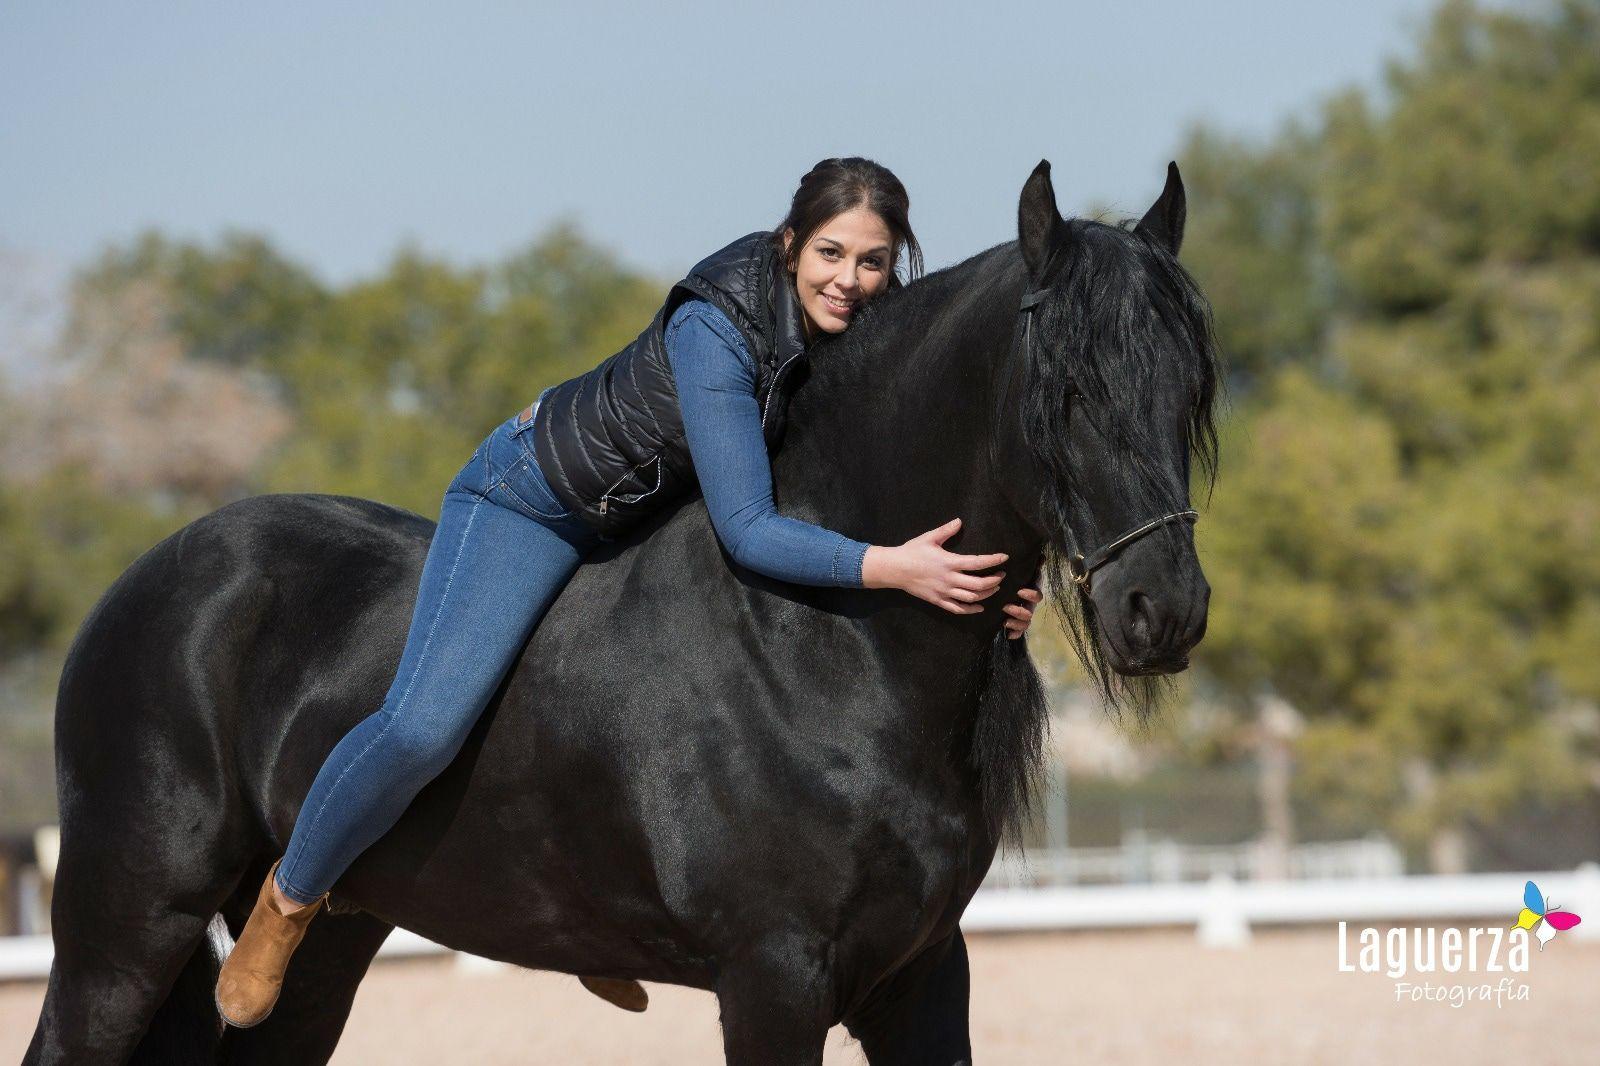 Rutas-y-paseos-a-caballo-para-parejas